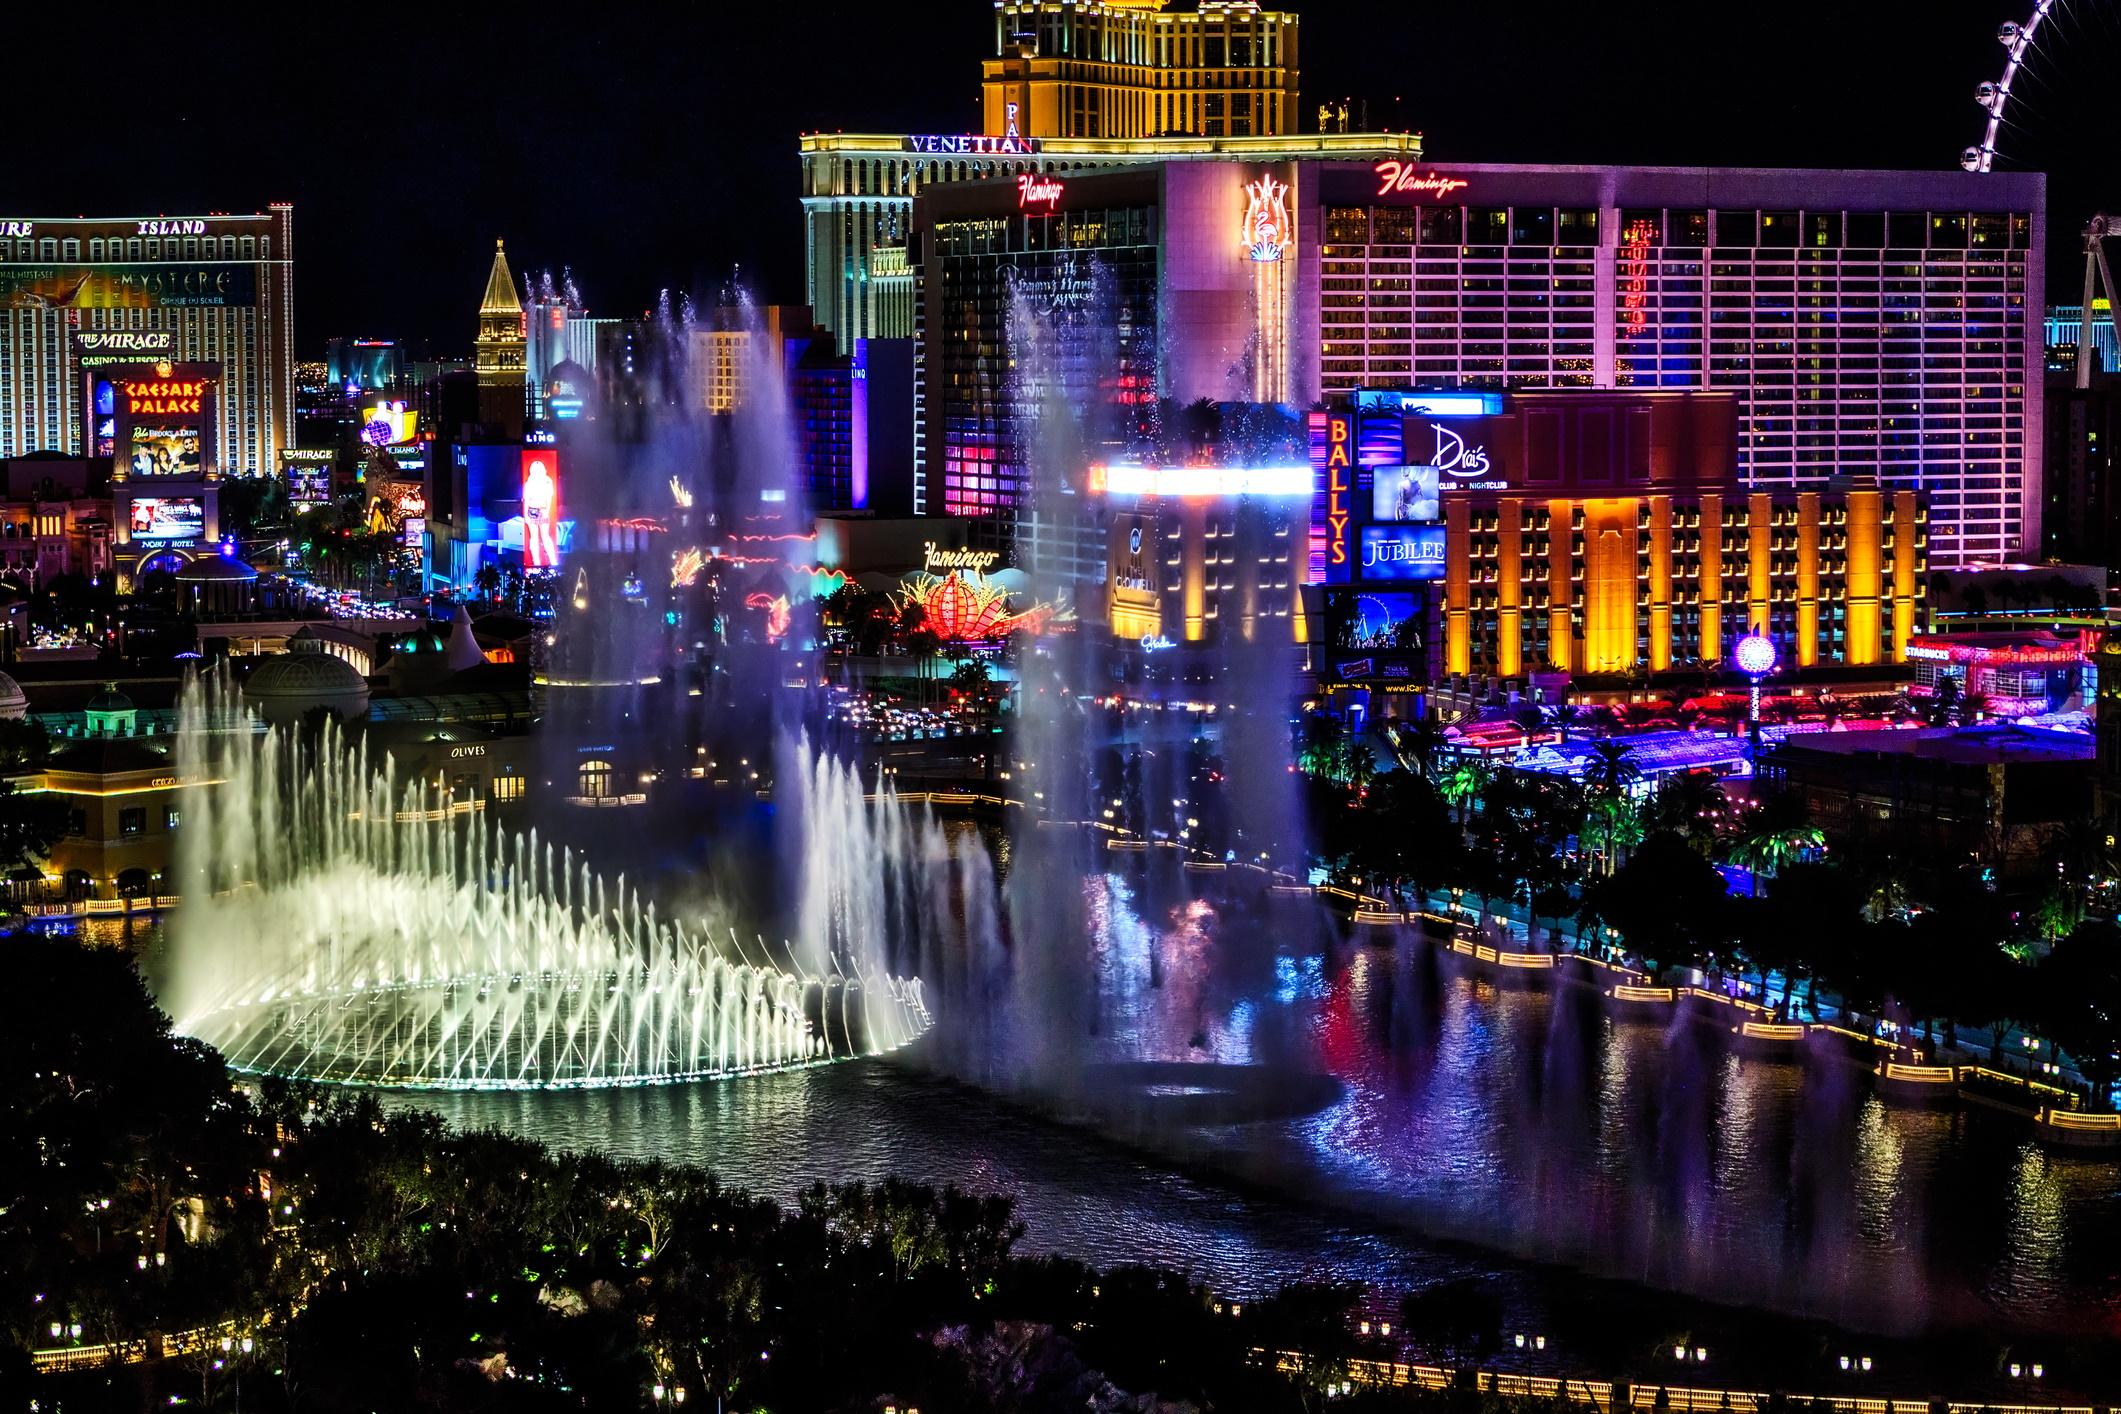 <p><strong>Лас Вегас</strong></p>  <p>Ако в света има град, чието име е синоним на парти, това е Лас Вегас. Малко места по света могат да се похвалят с ресторанти, развлечения и нощни клубове от световна класа на толкова малко разстояние един от друг.</p>